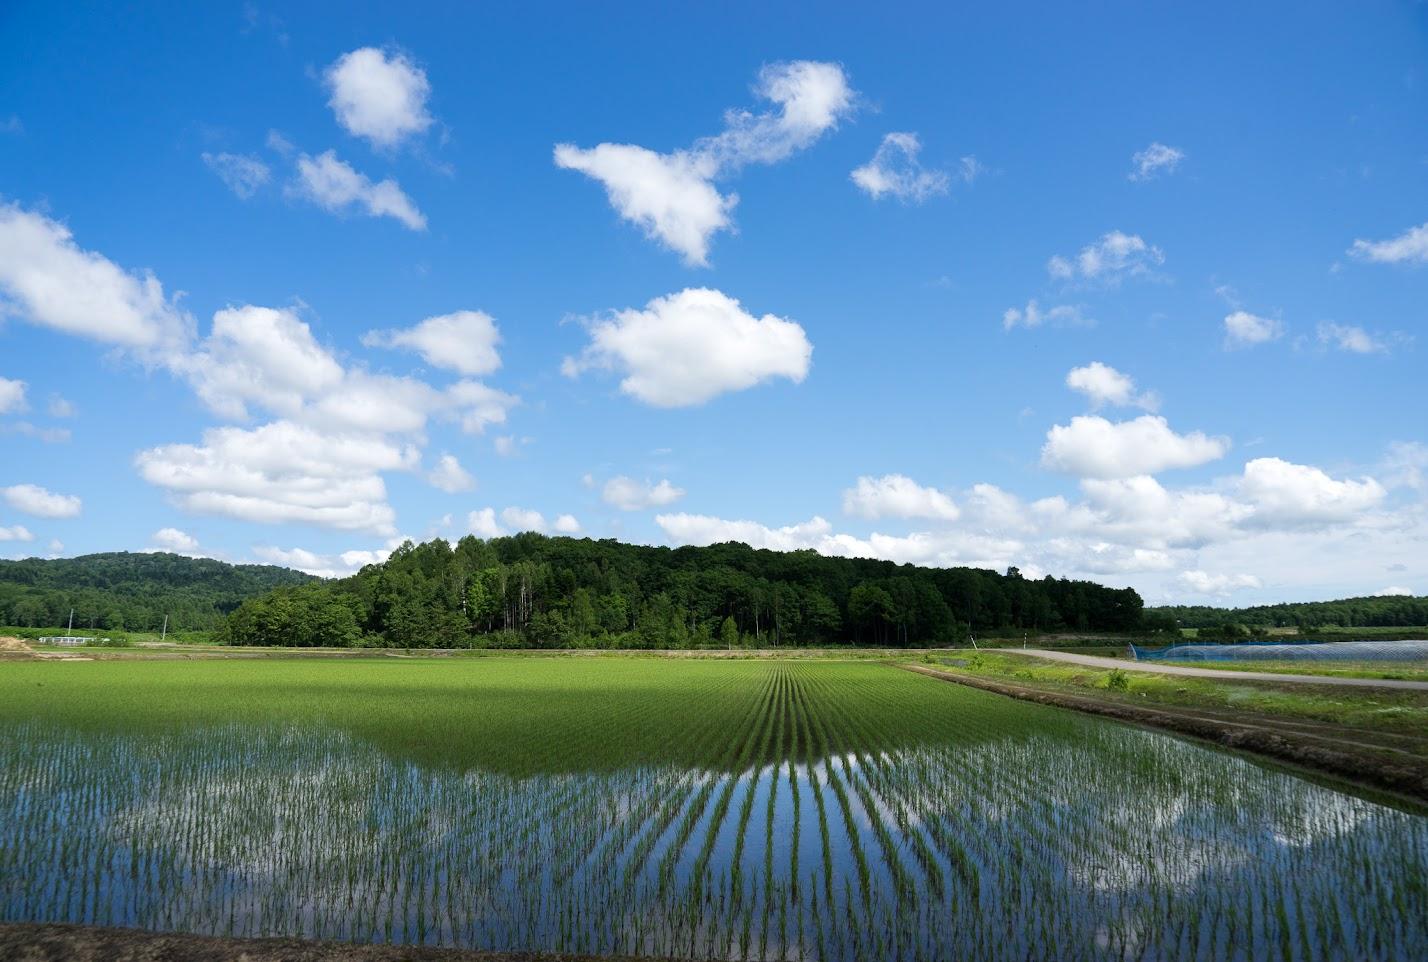 ぐんぐん育つ稲(北竜町美葉牛地区)